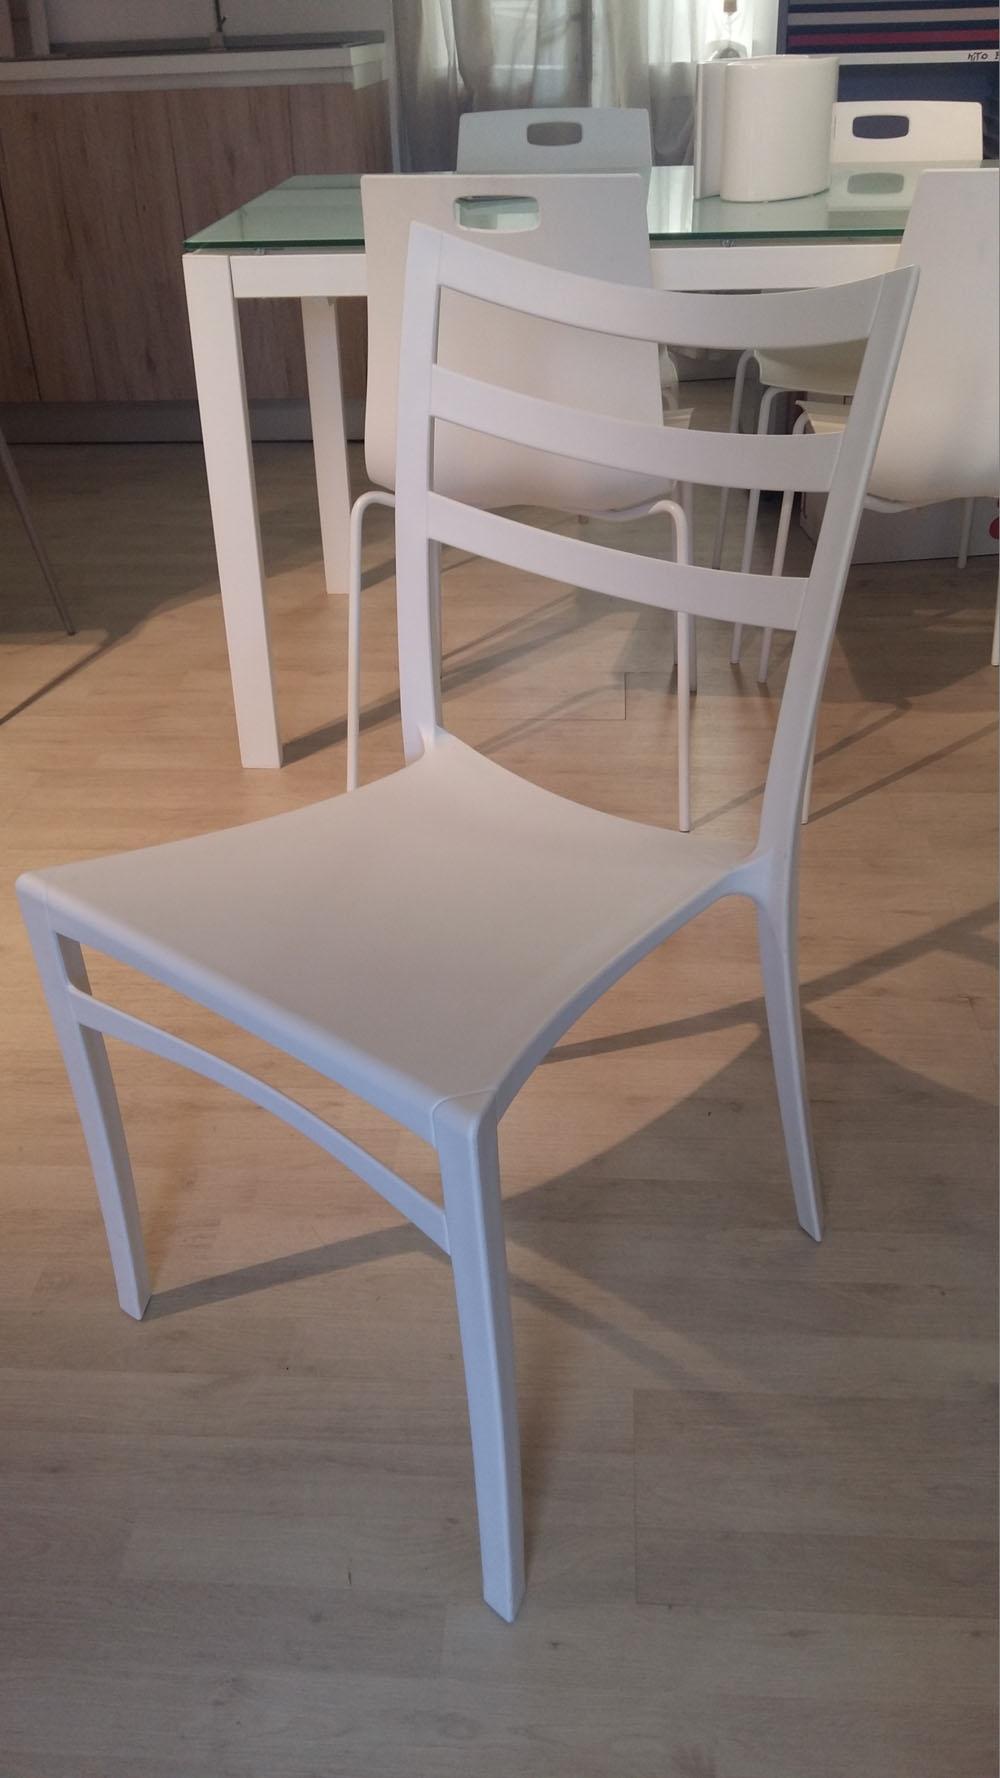 Sedia moderna ingenia bontempi bianca scontata del 46 for Sedia moderna bianca